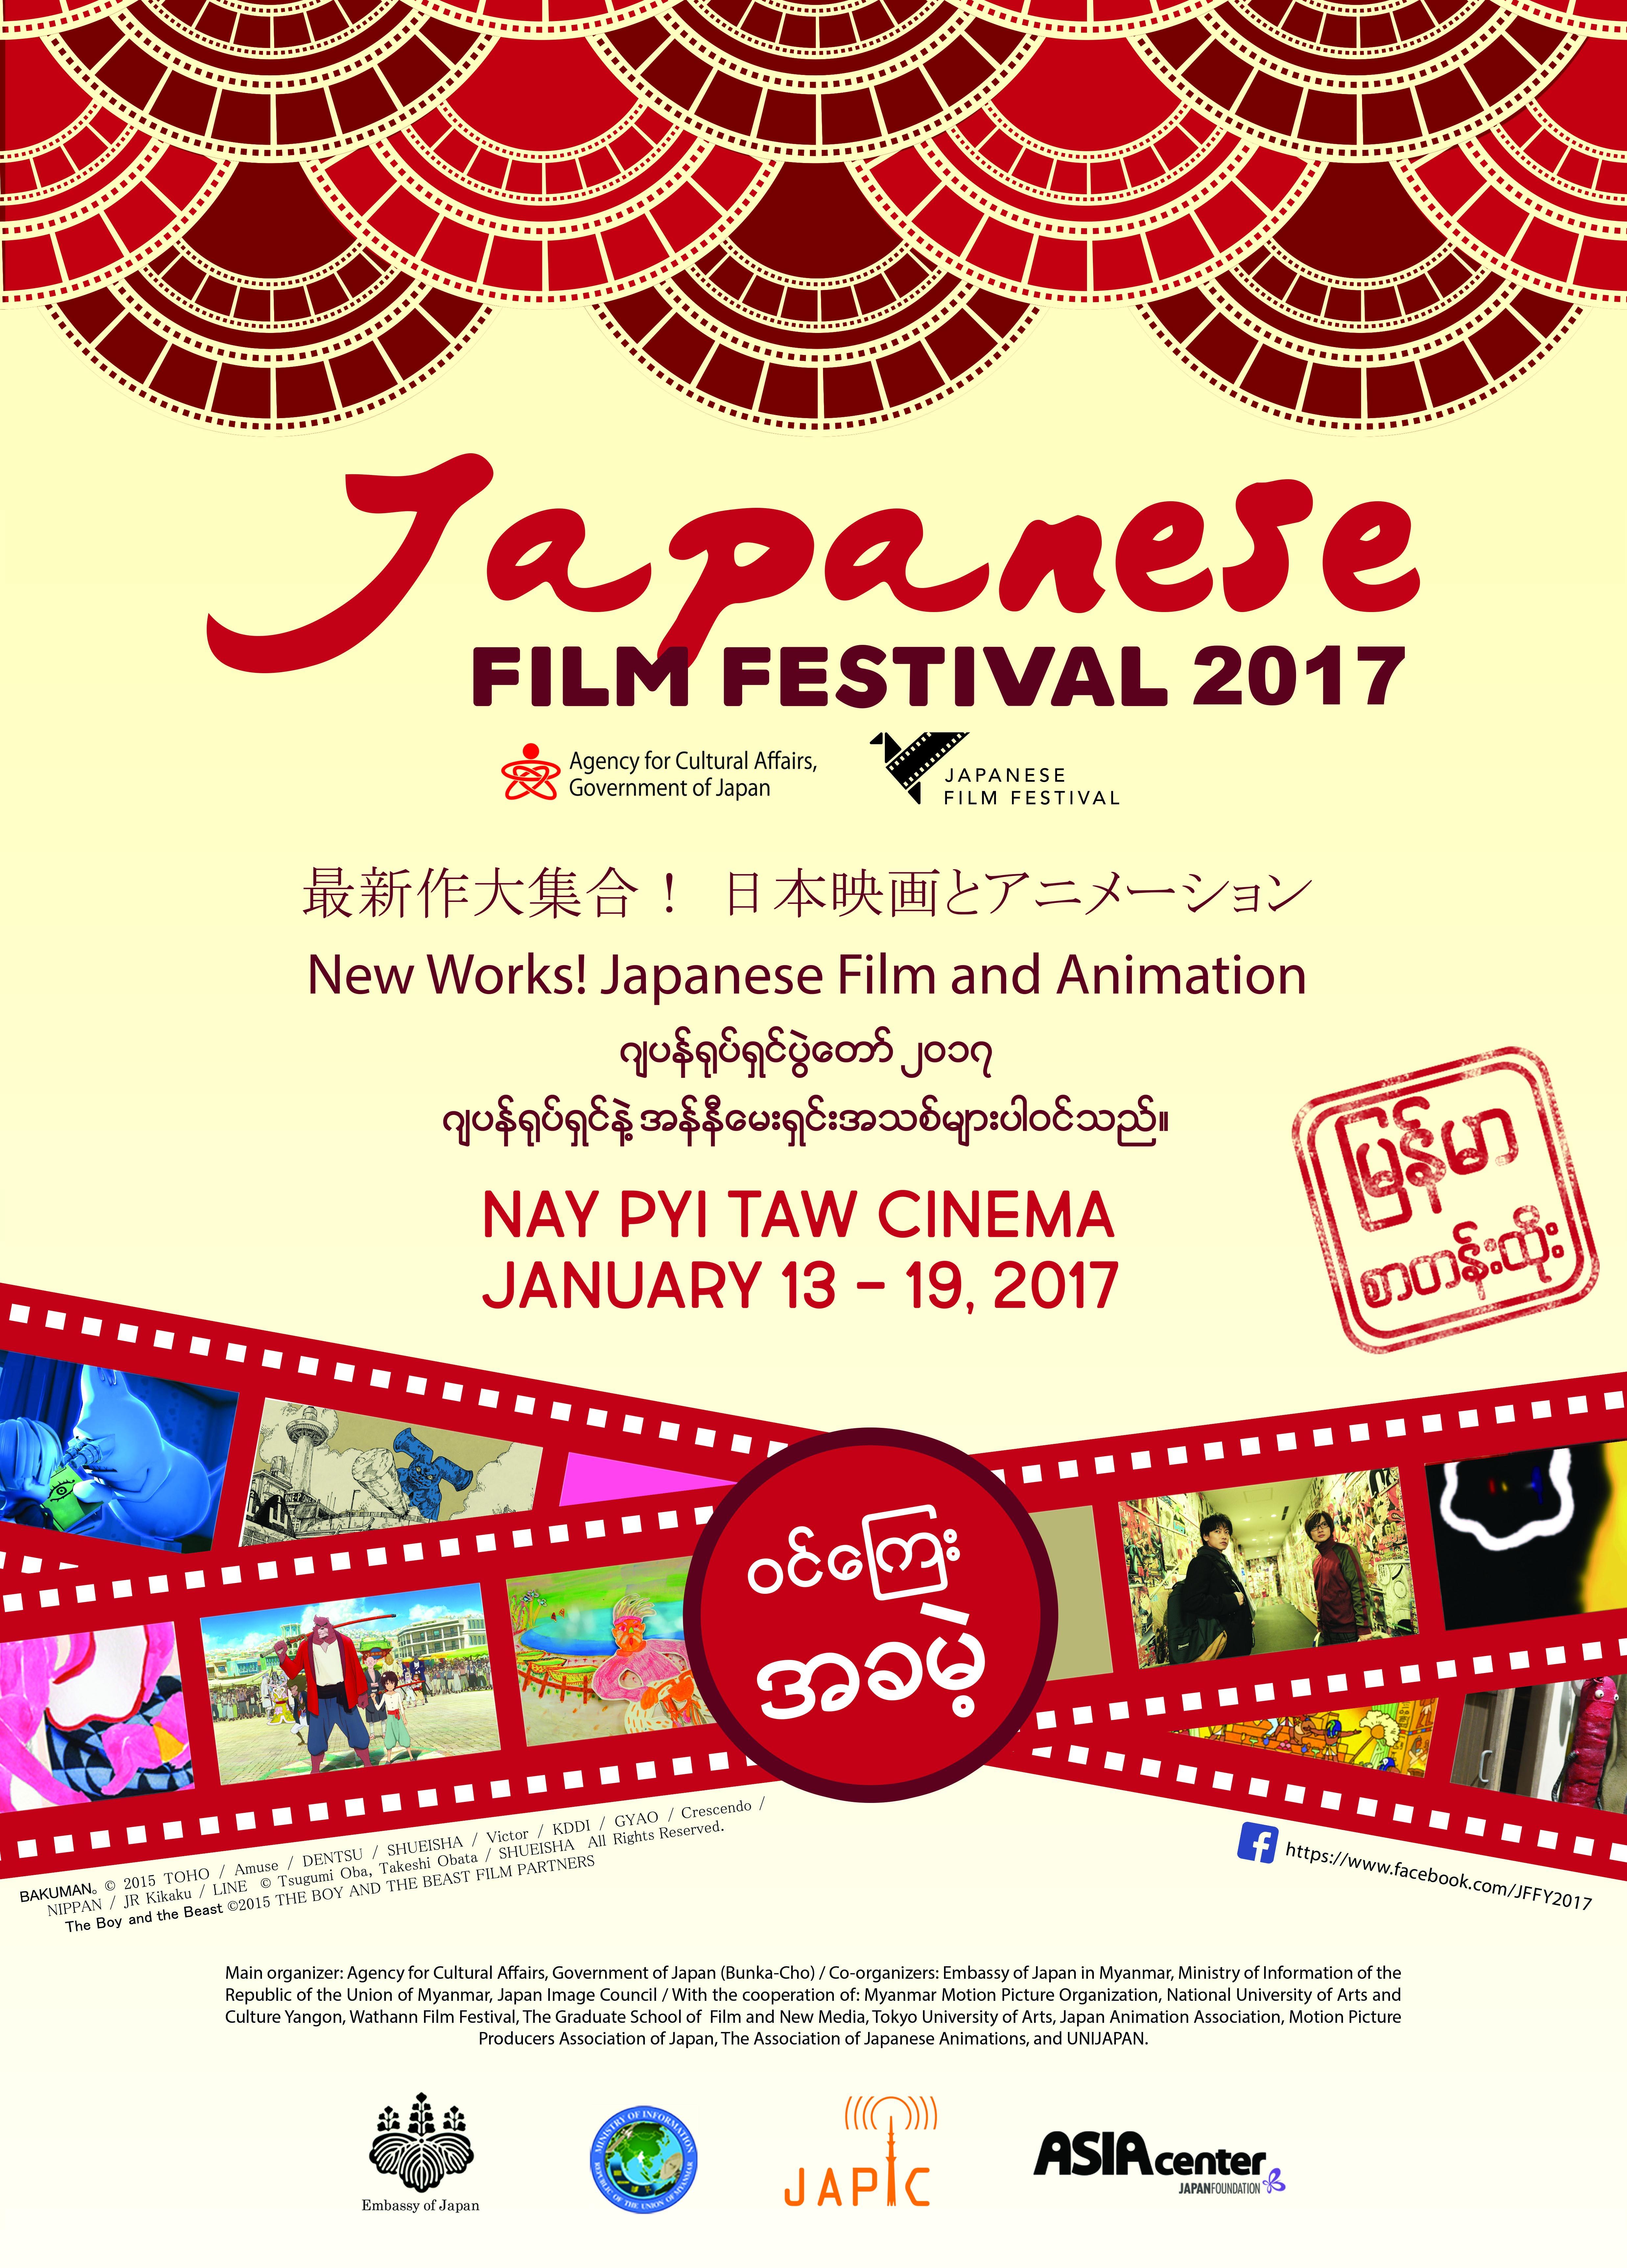 文化庁委託事業 平成28年度アジアにおける日本映画特集上映事業<br />ヤンゴンで初開催<br />「日本映画祭2017 最新作大集合! 日本映画とアニメーション」のお知らせ